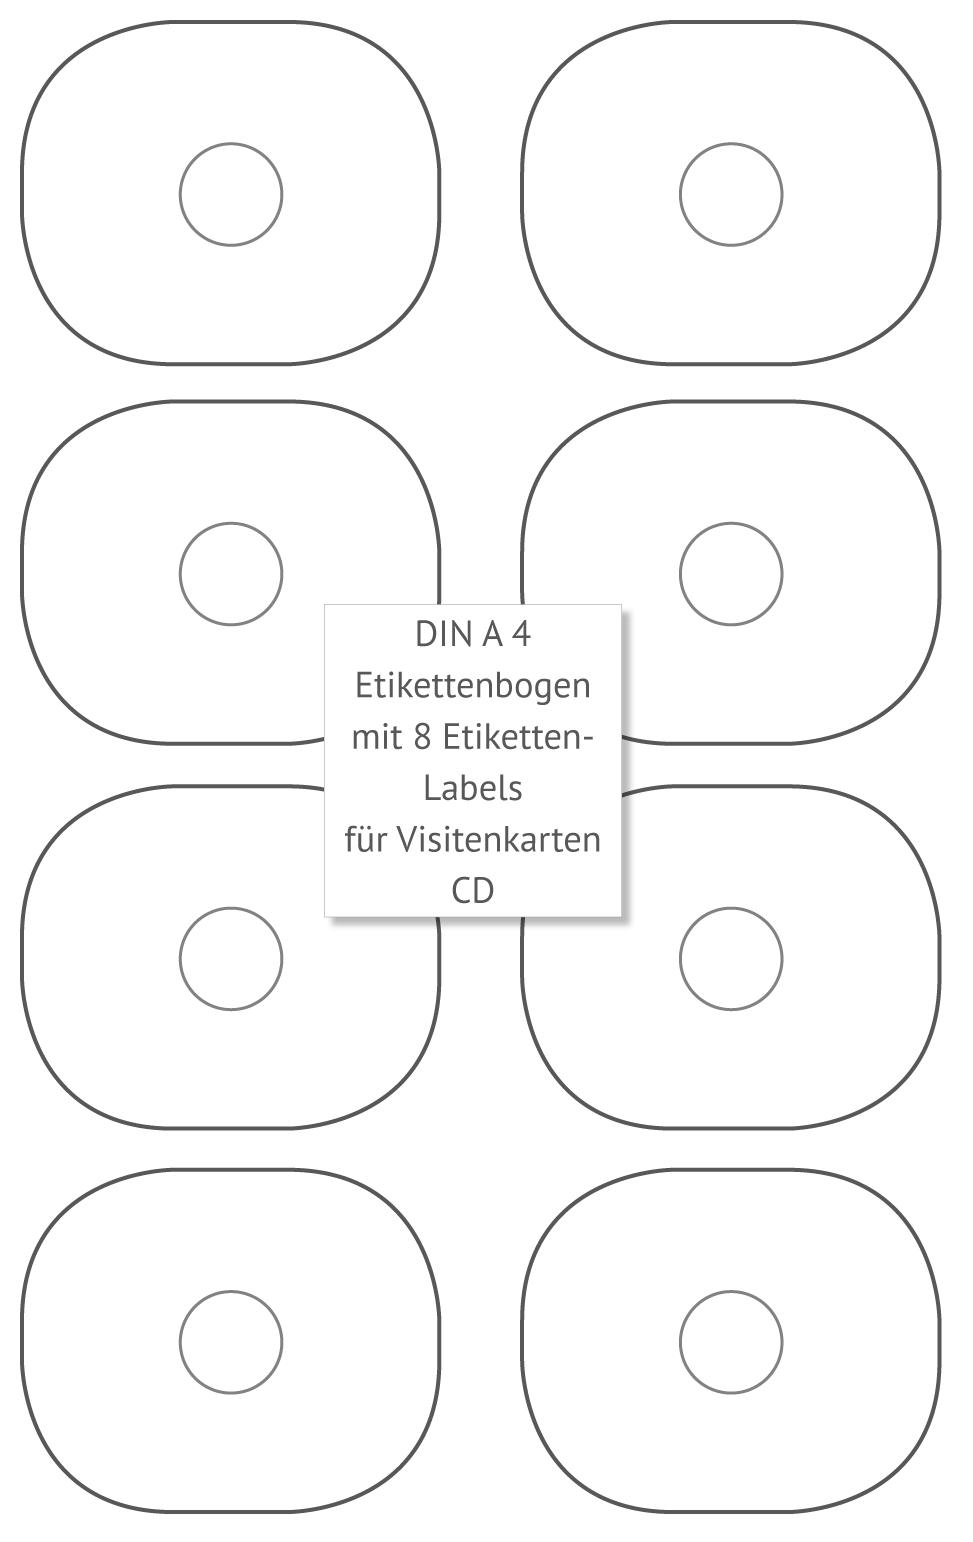 Etikettenbogen Für Visitenkarten Cd Restposten